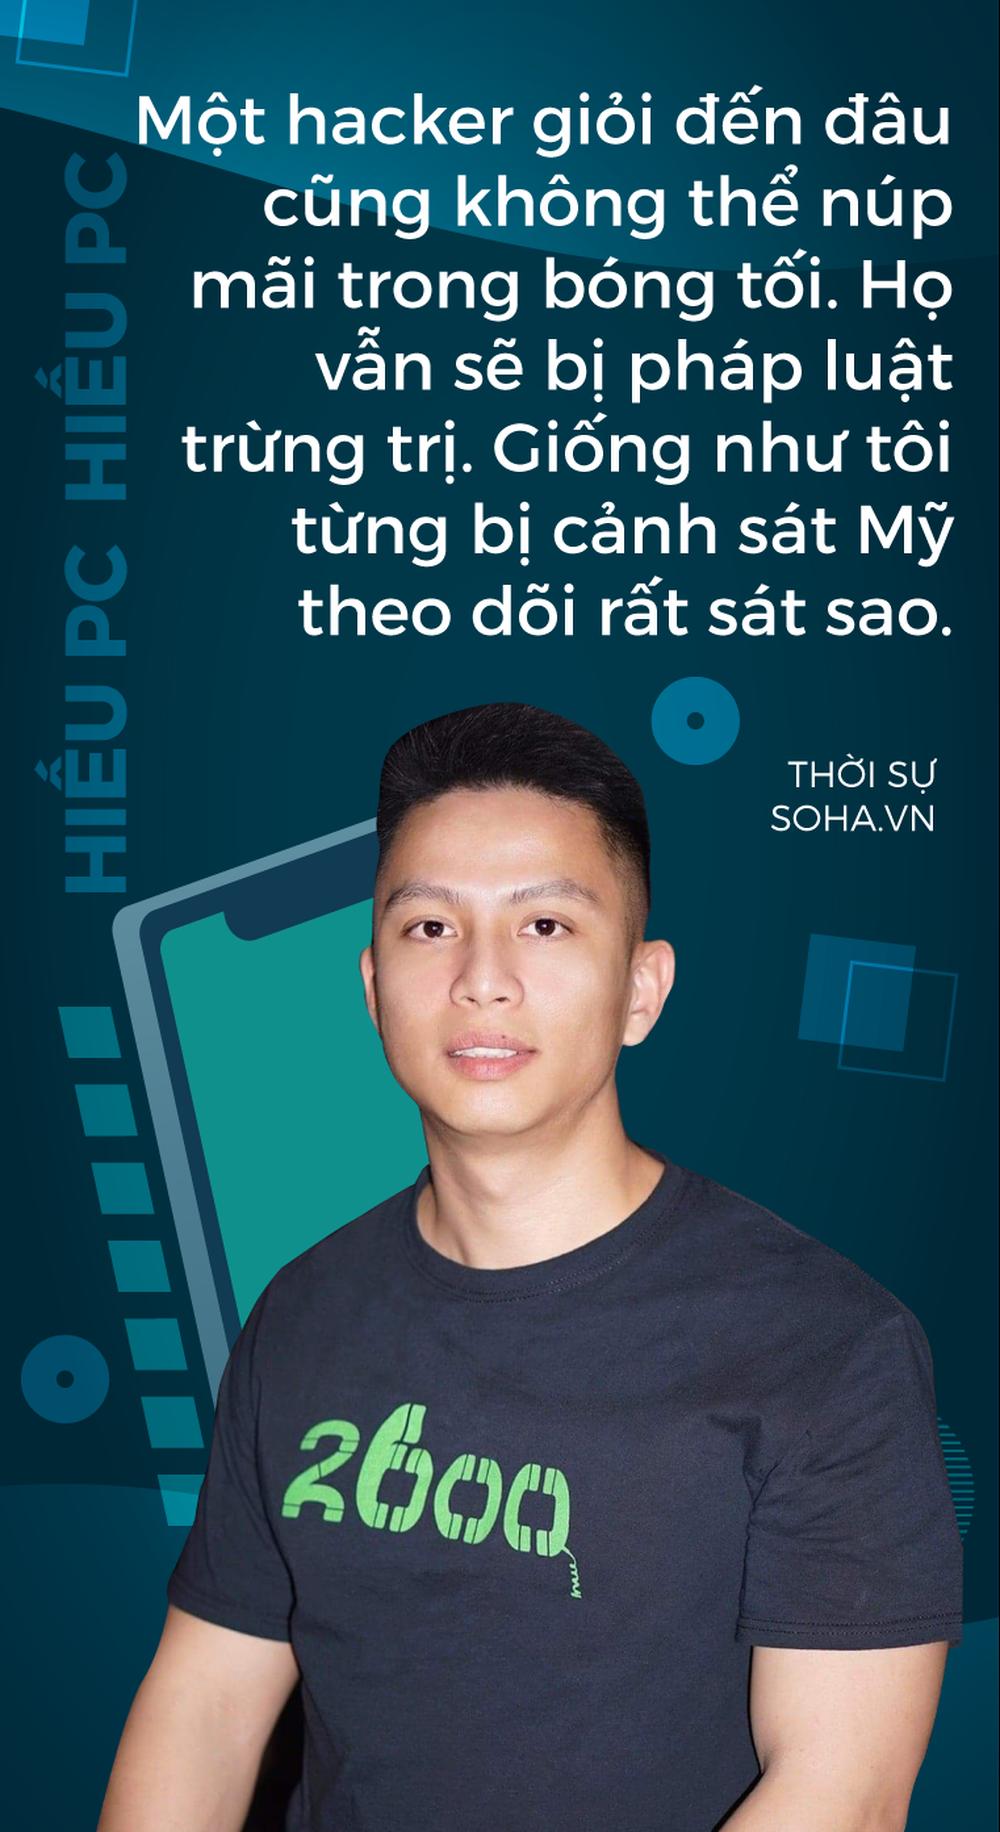 Từ chuyện Nhâm Hoàng Khang bị bắt, Hiếu PC kể lại bức thư khiến mình bị sốc và ám ảnh lúc ở tòa - Ảnh 3.